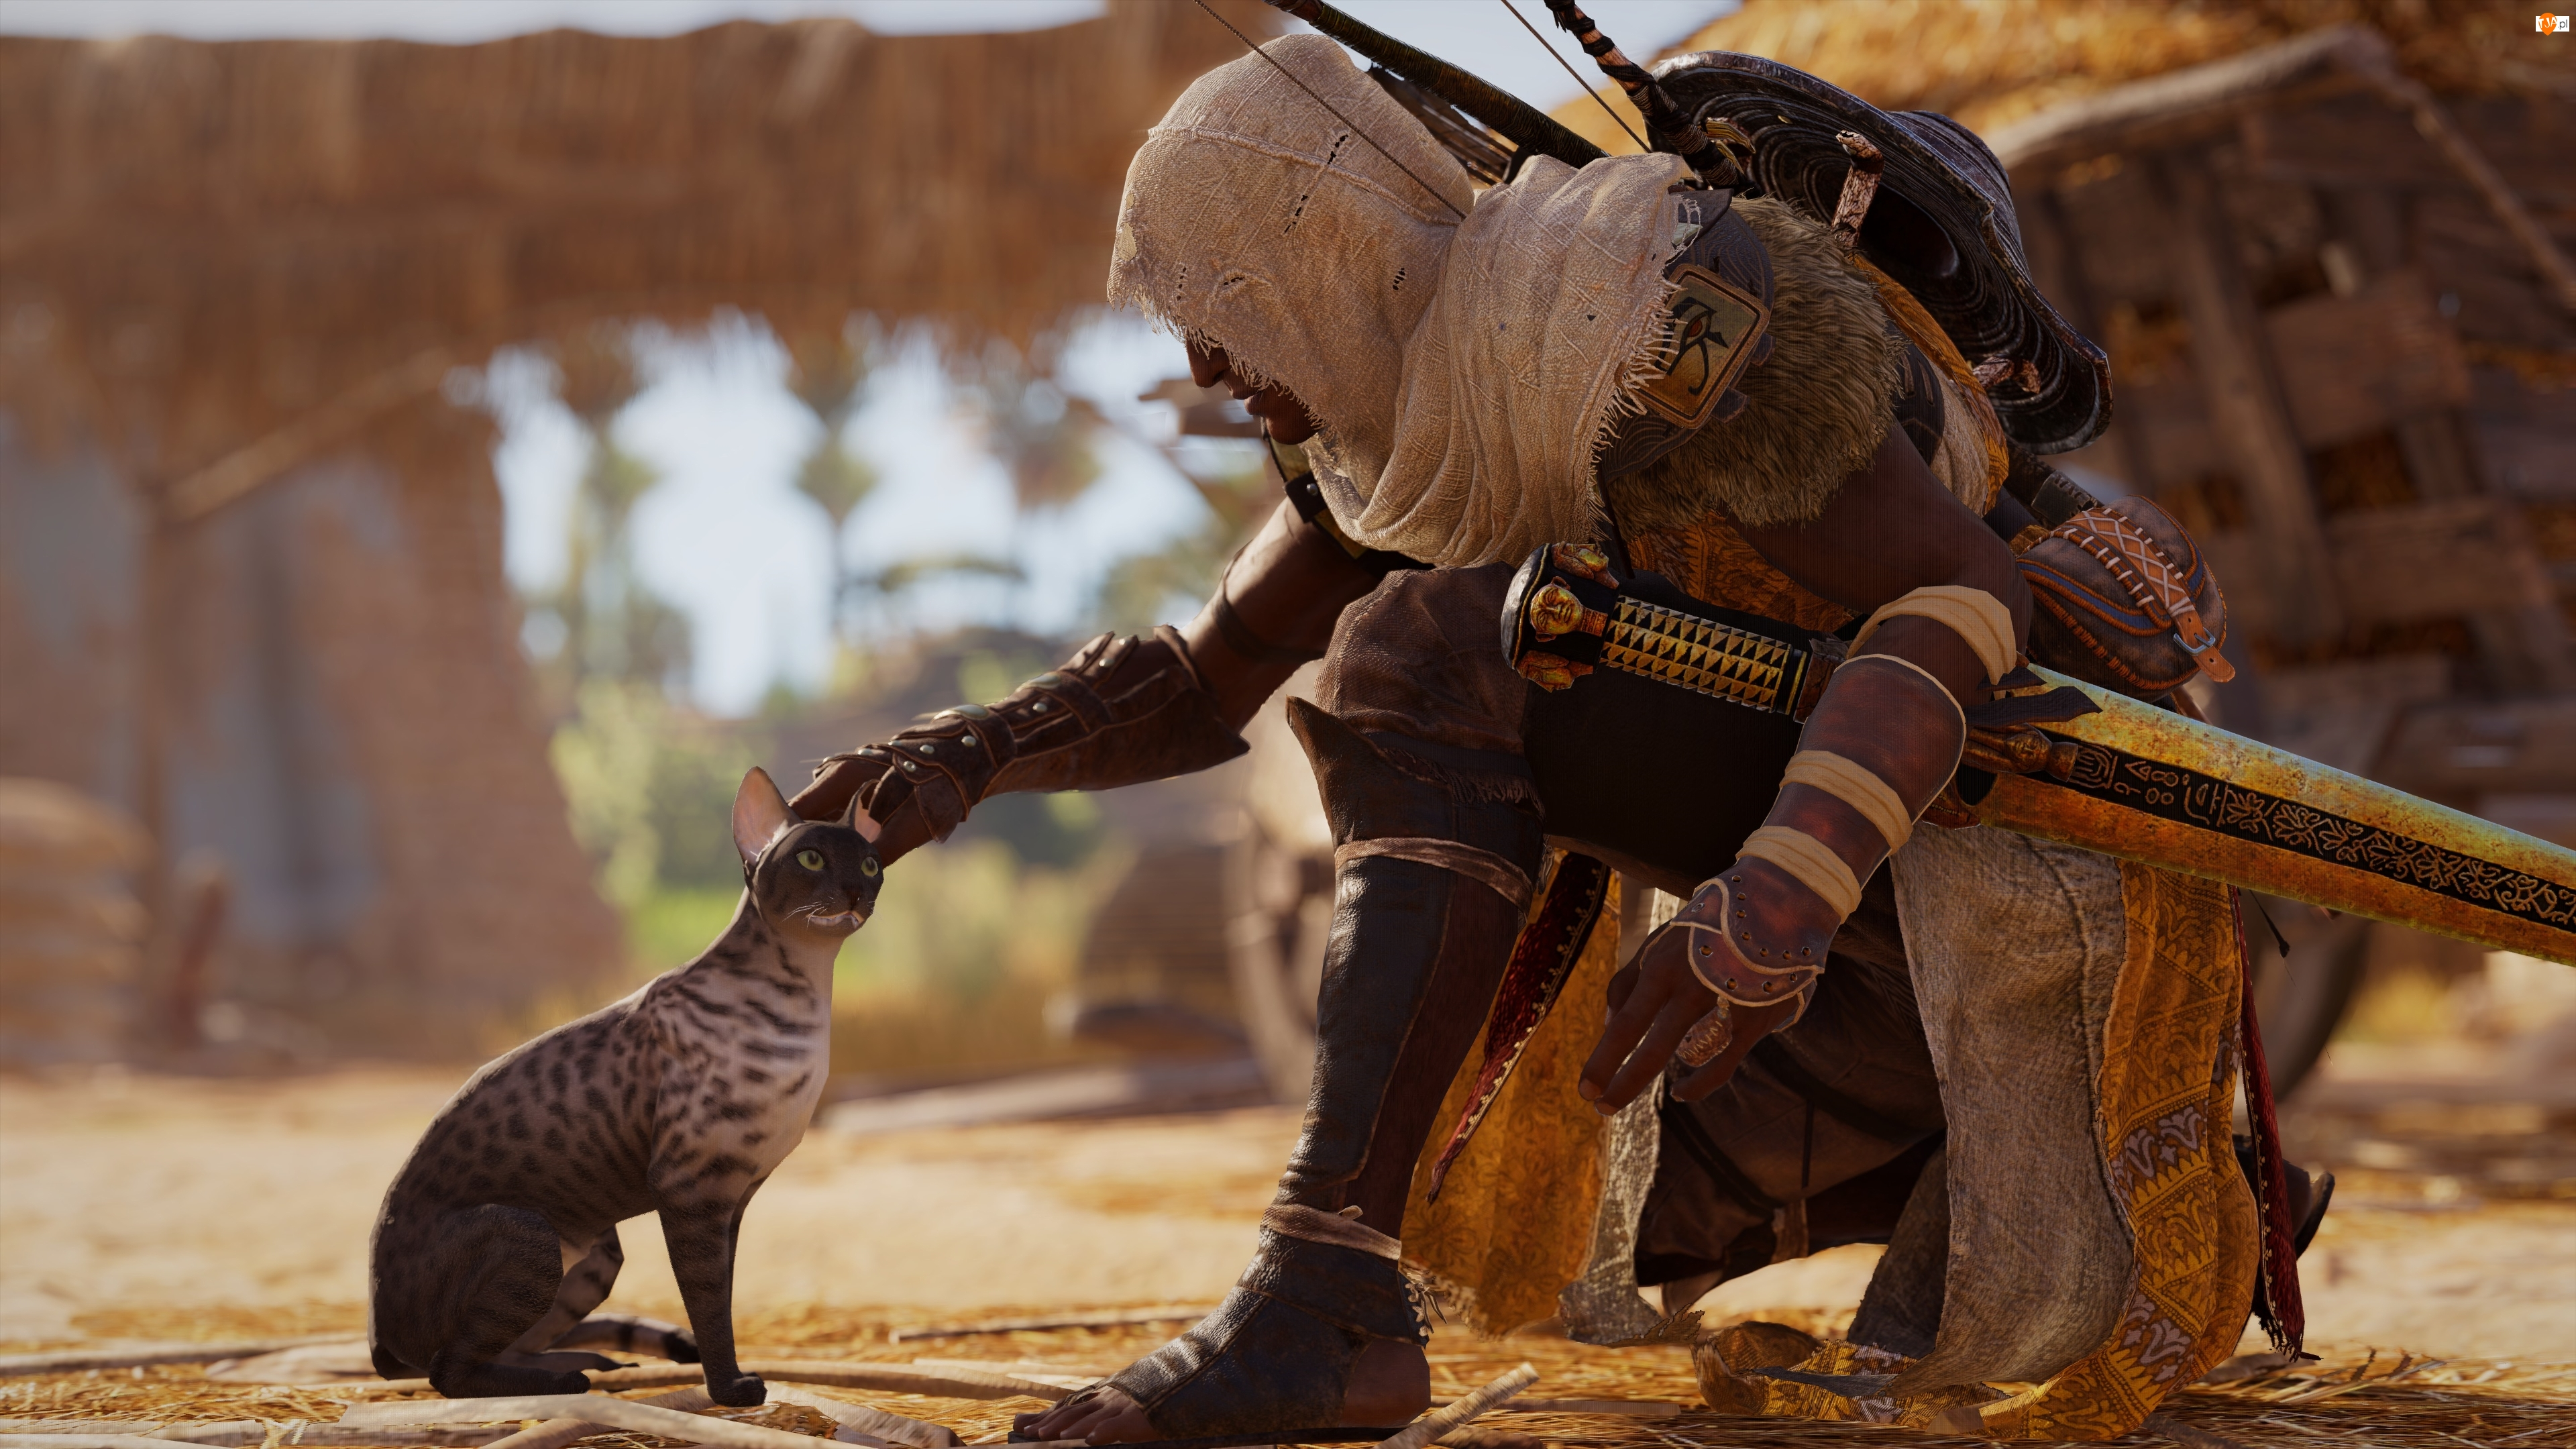 Kot, Assassins Creed Origins, Bayek